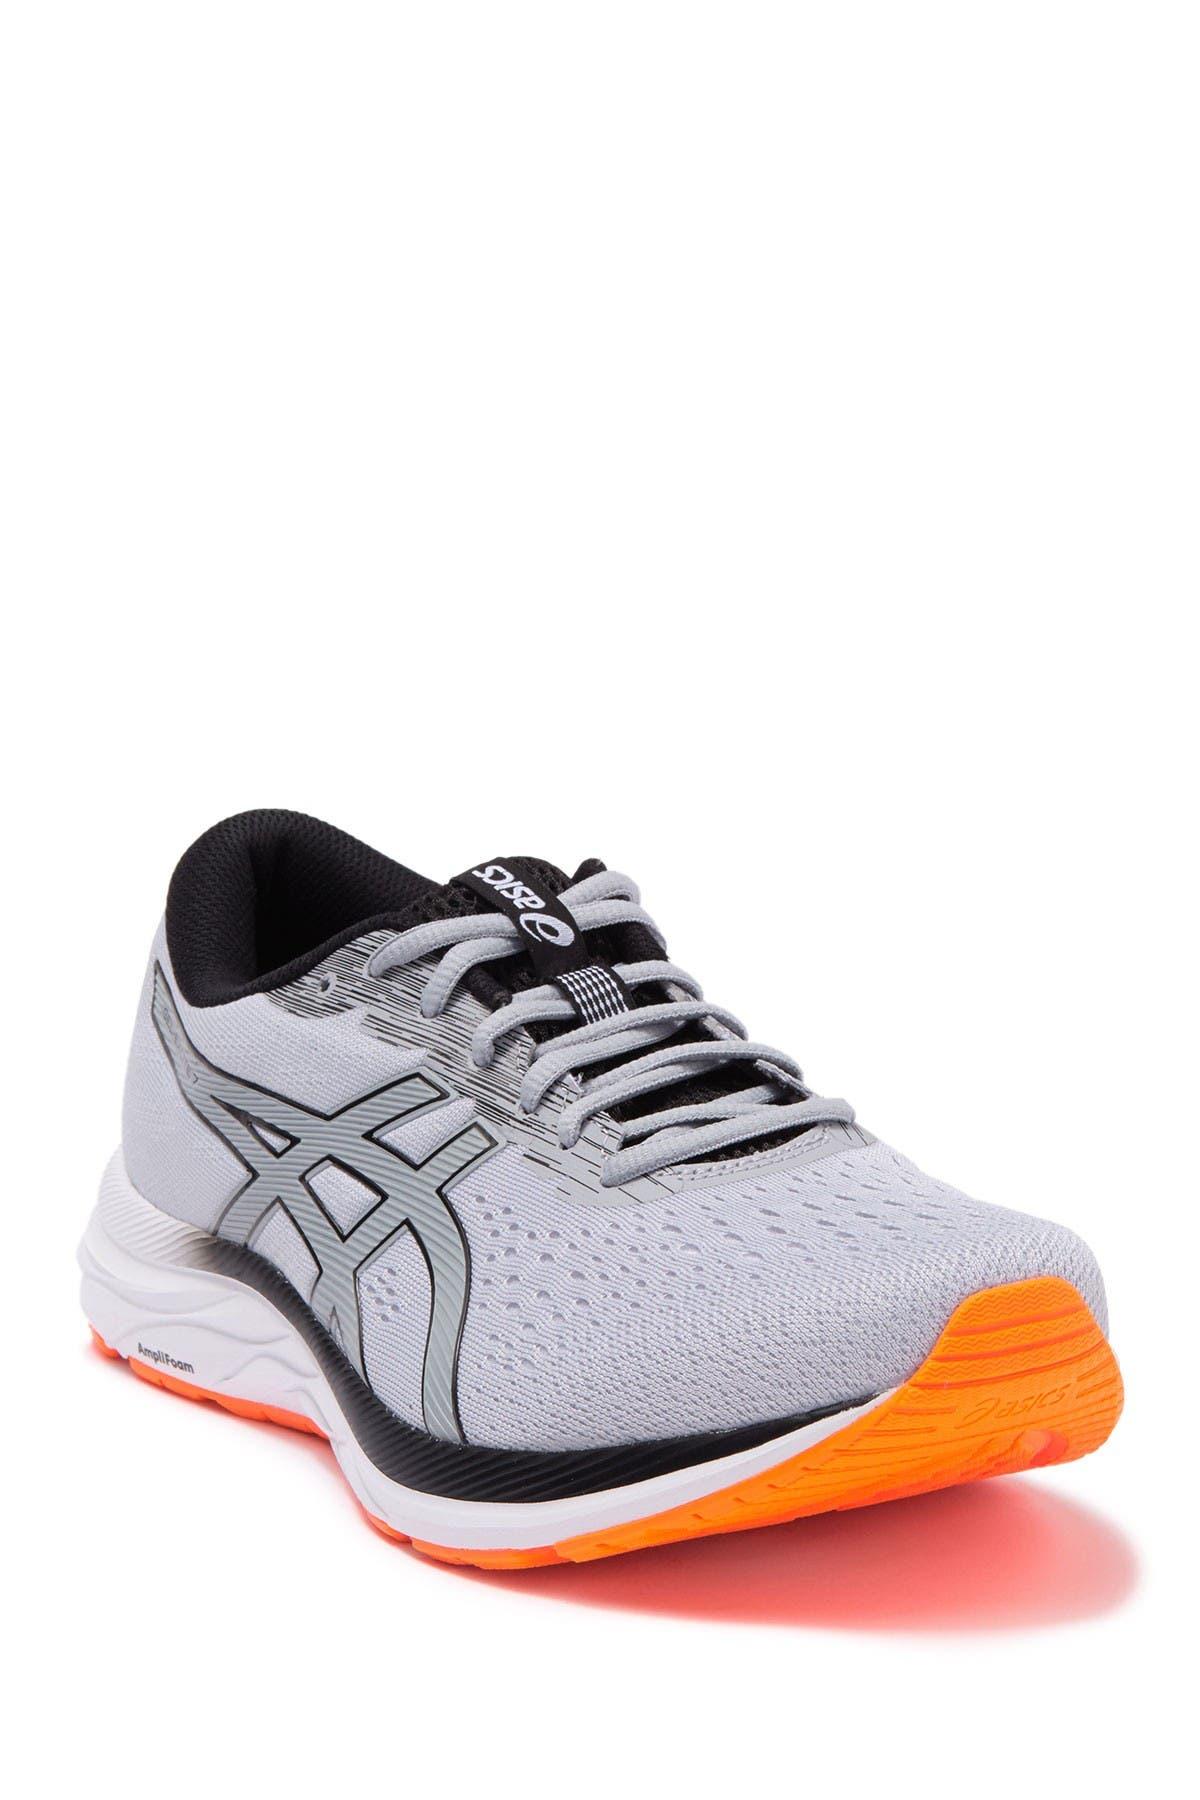 ASICS | GEL-Excite 7 4E Running Shoe